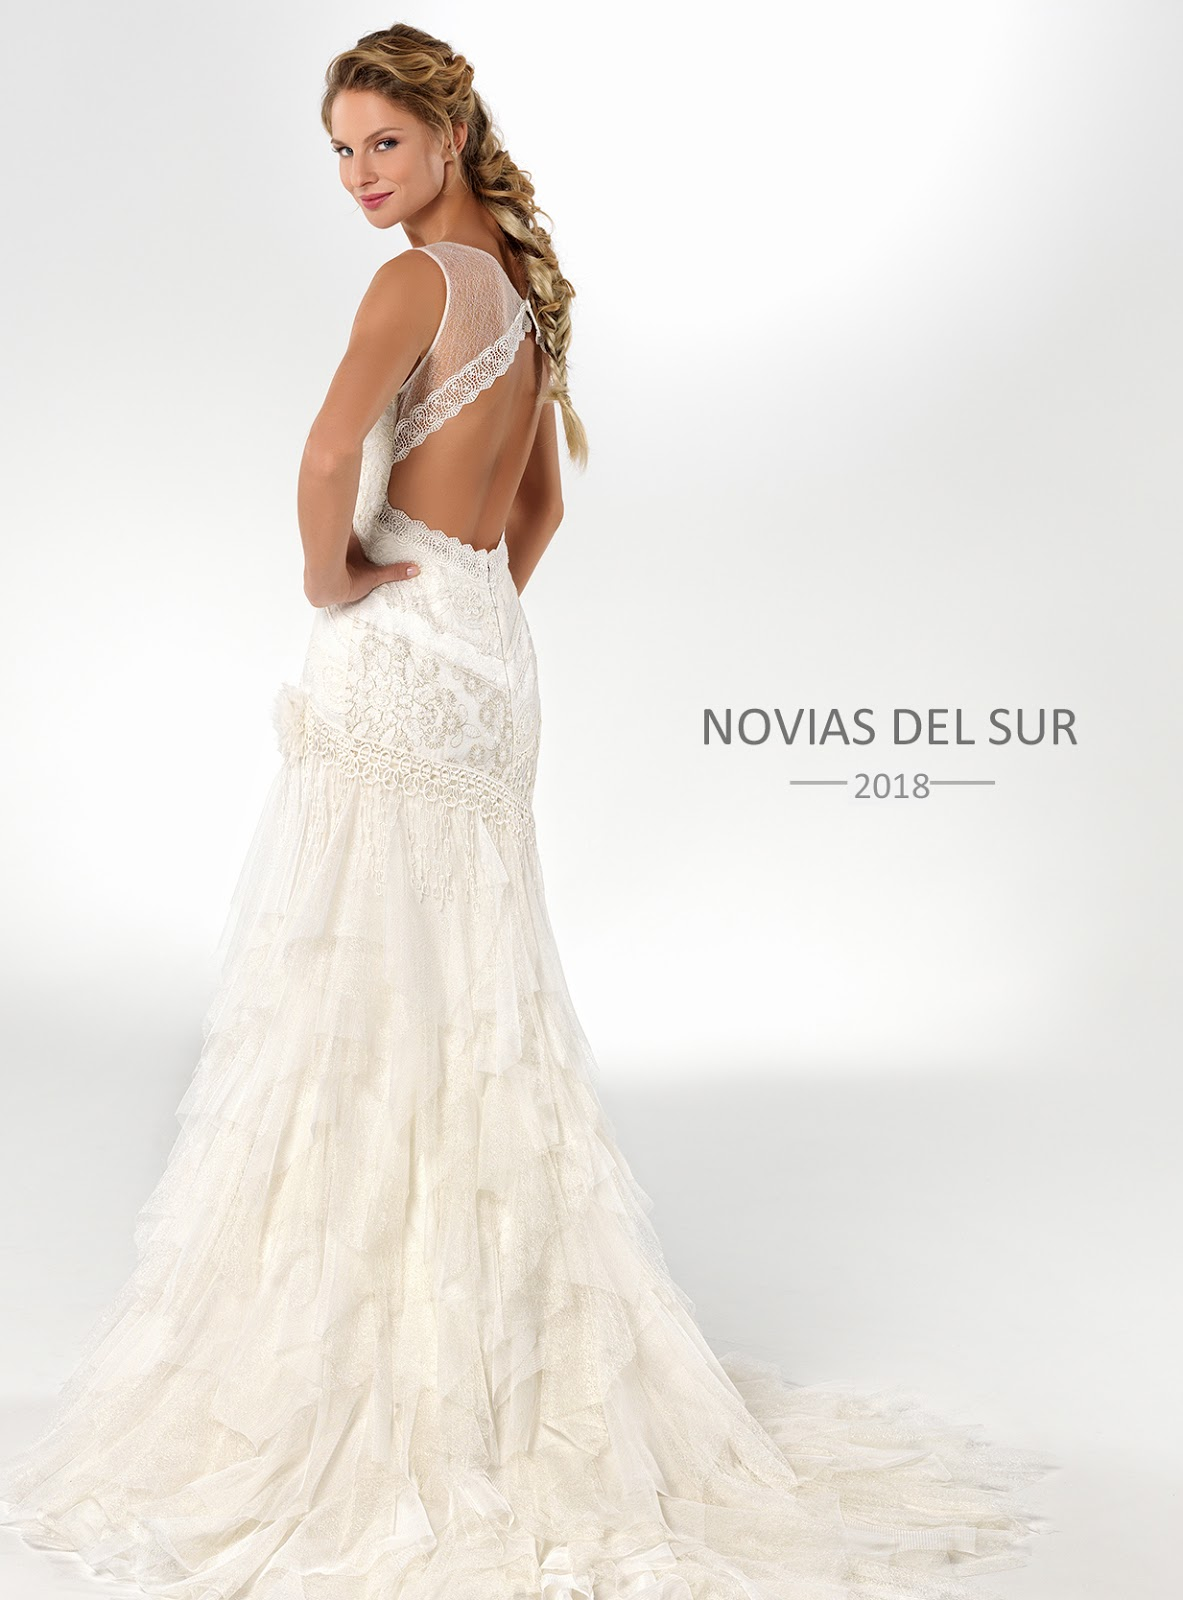 Vestidos De Novias Imagenes Y Catalogos Vestidos Populares